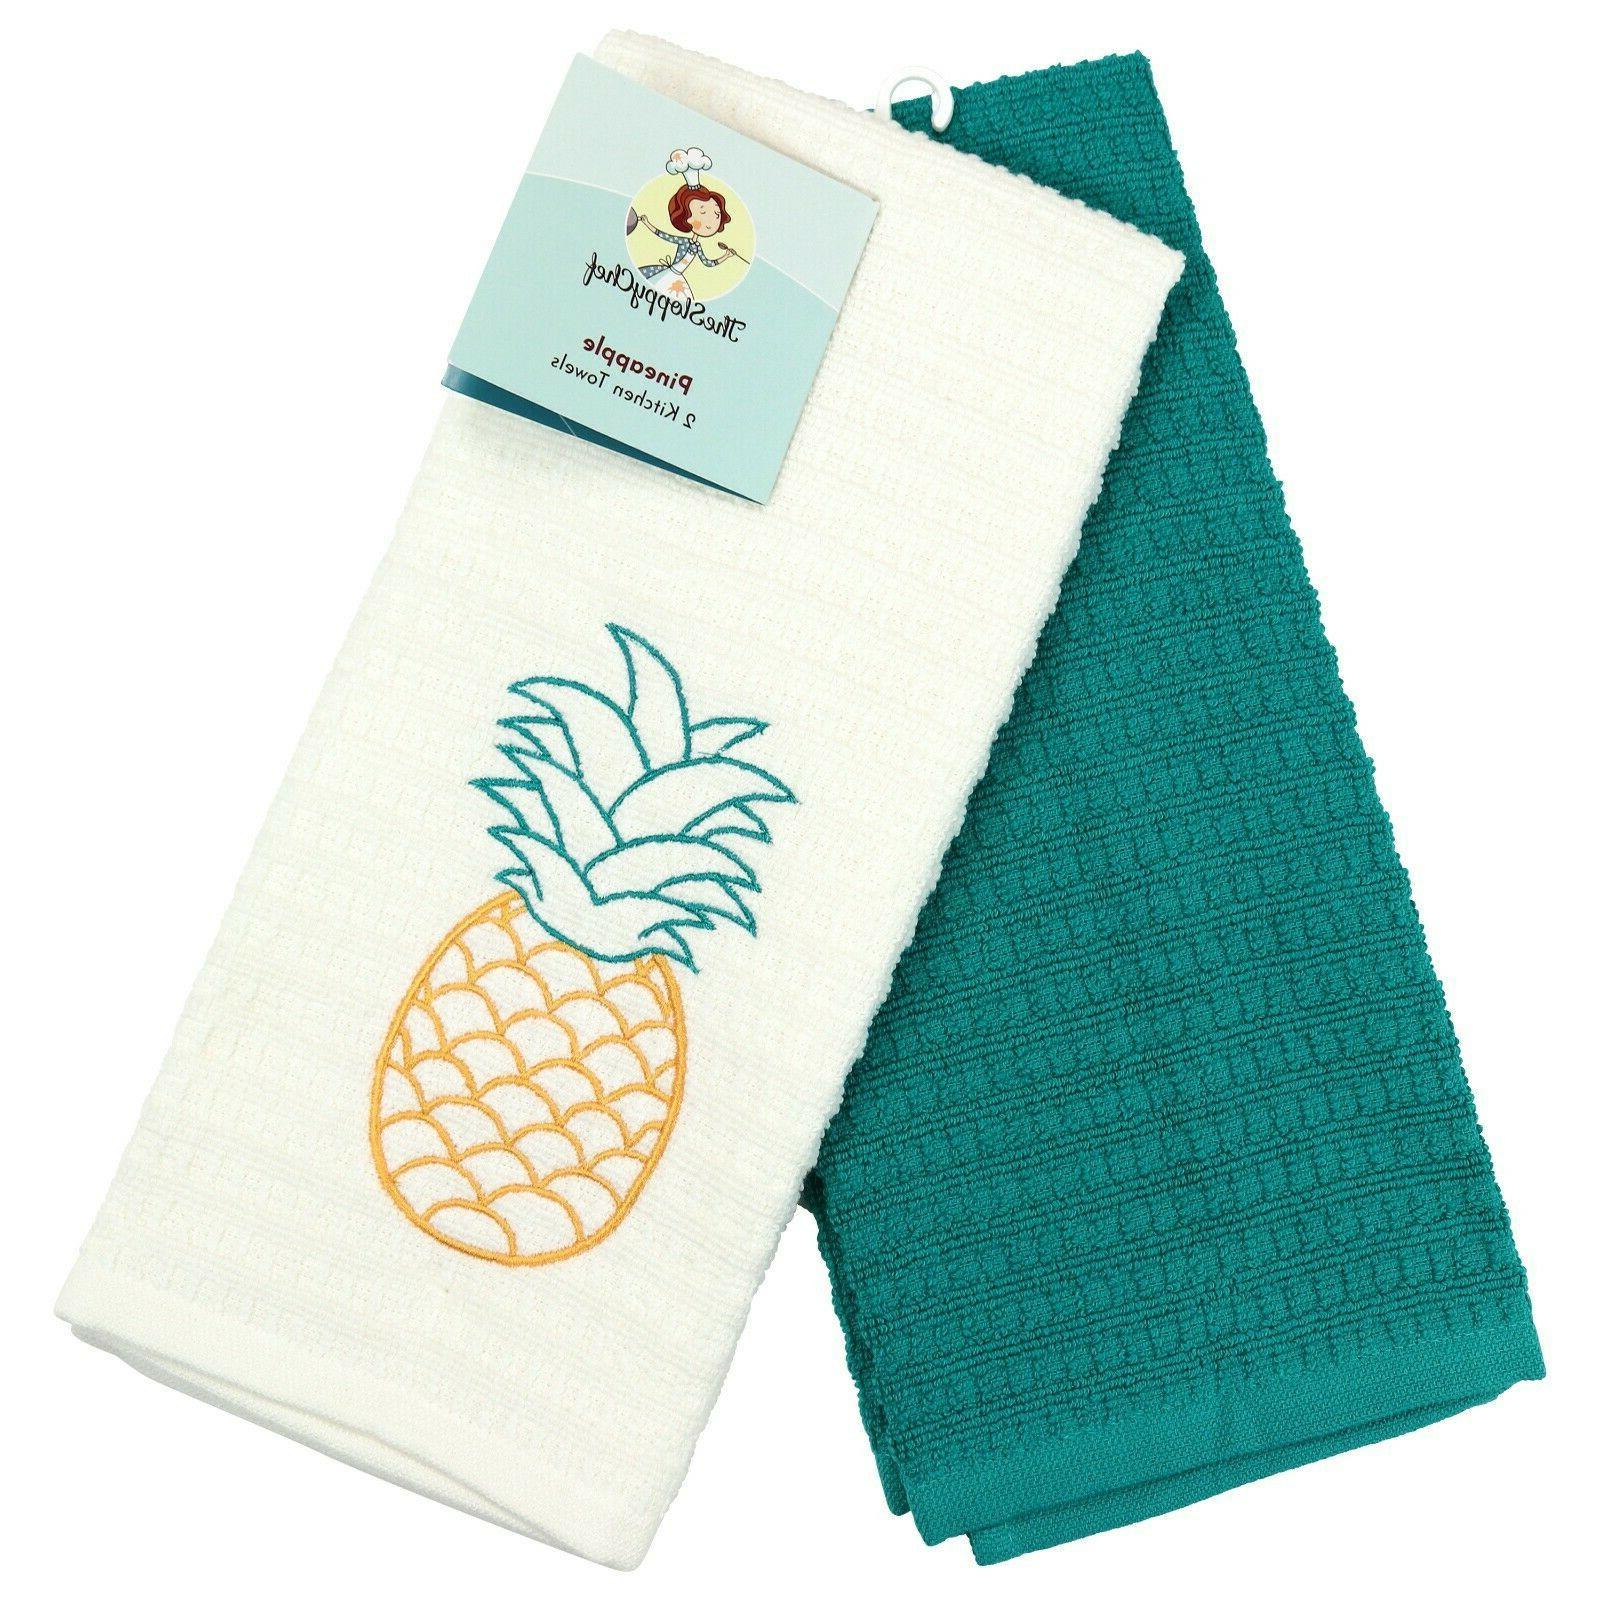 Set of Design 16 26 Towels